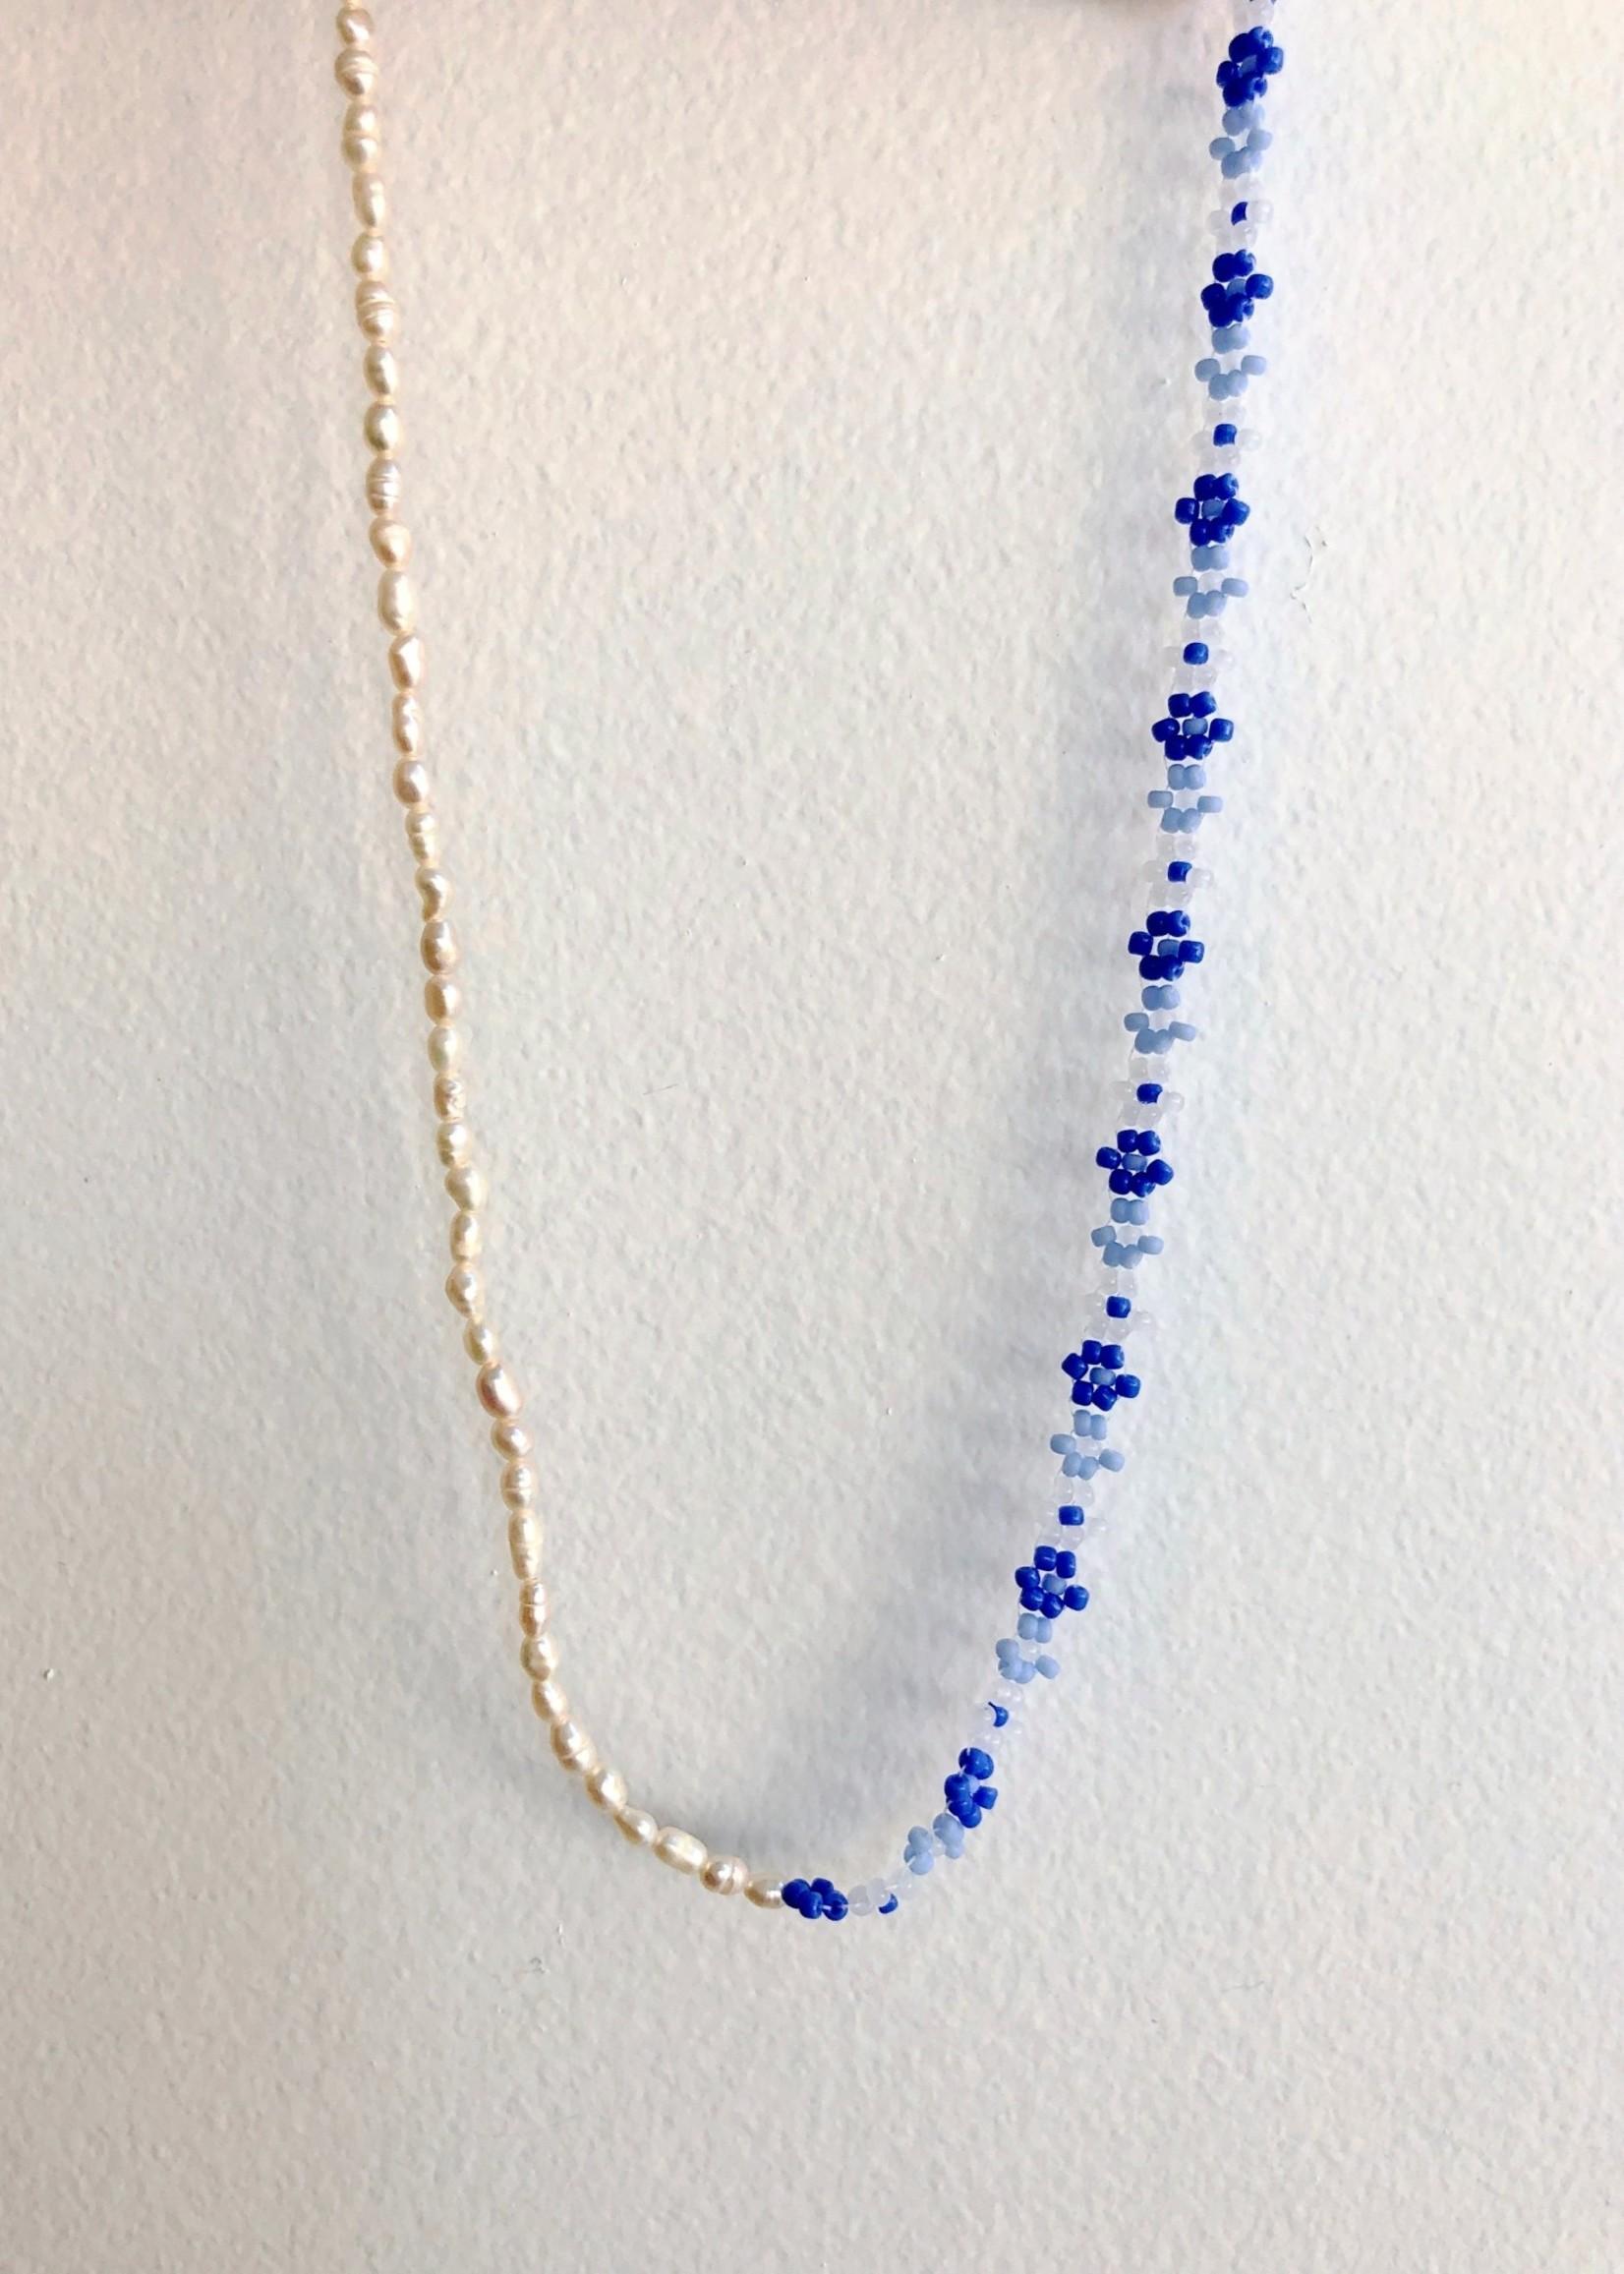 Miiken Handcrafted Blossom Choker by Miiken Handcrafted